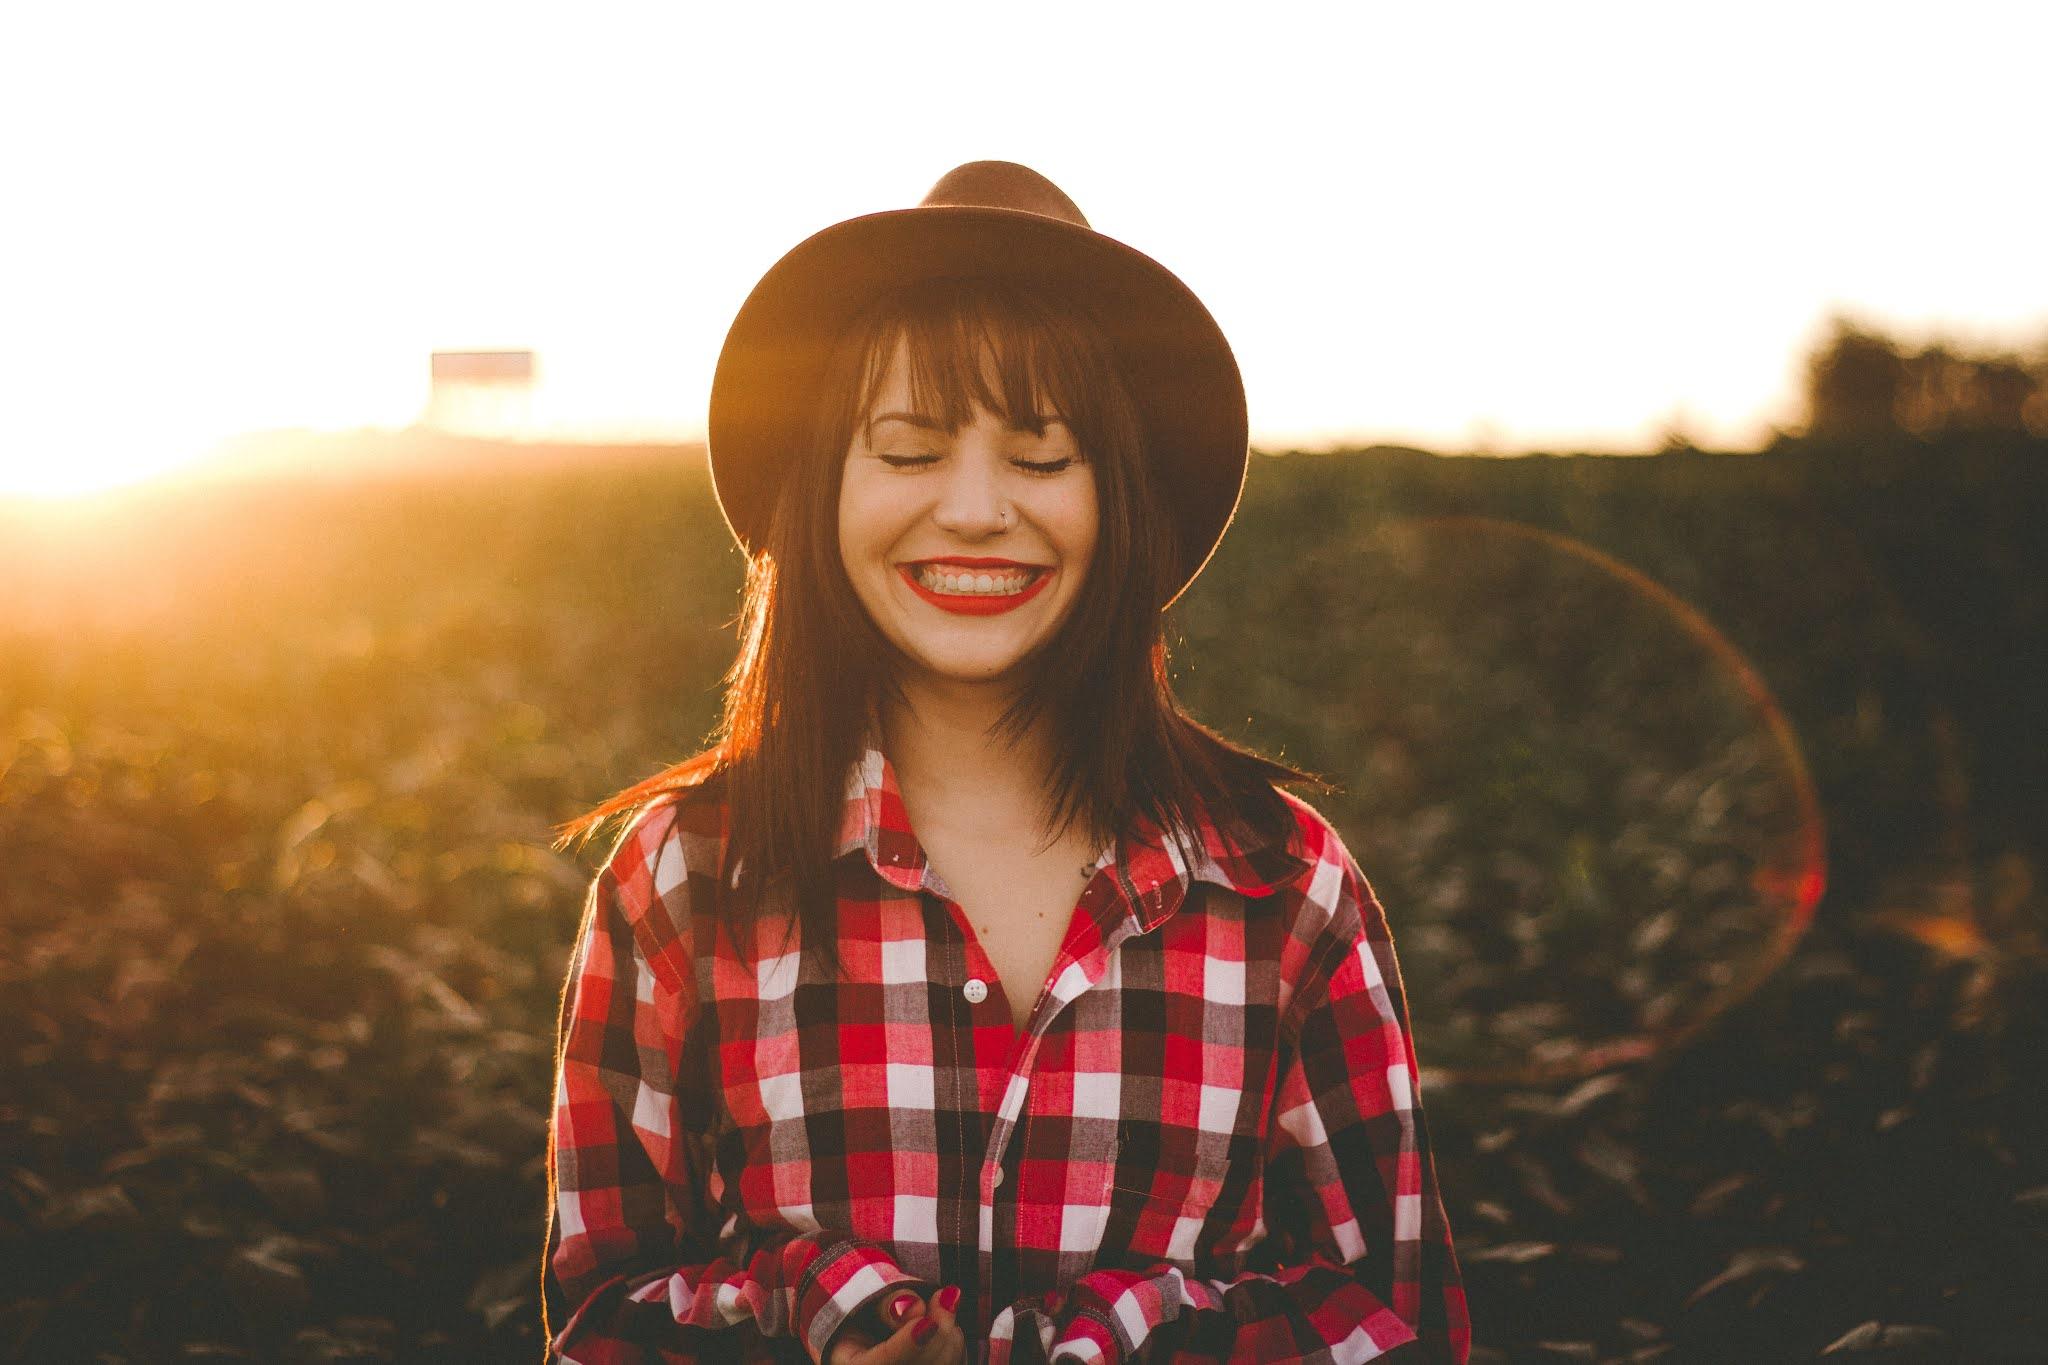 Γιατί πρέπει να χαμογελάς σε αγνώστους